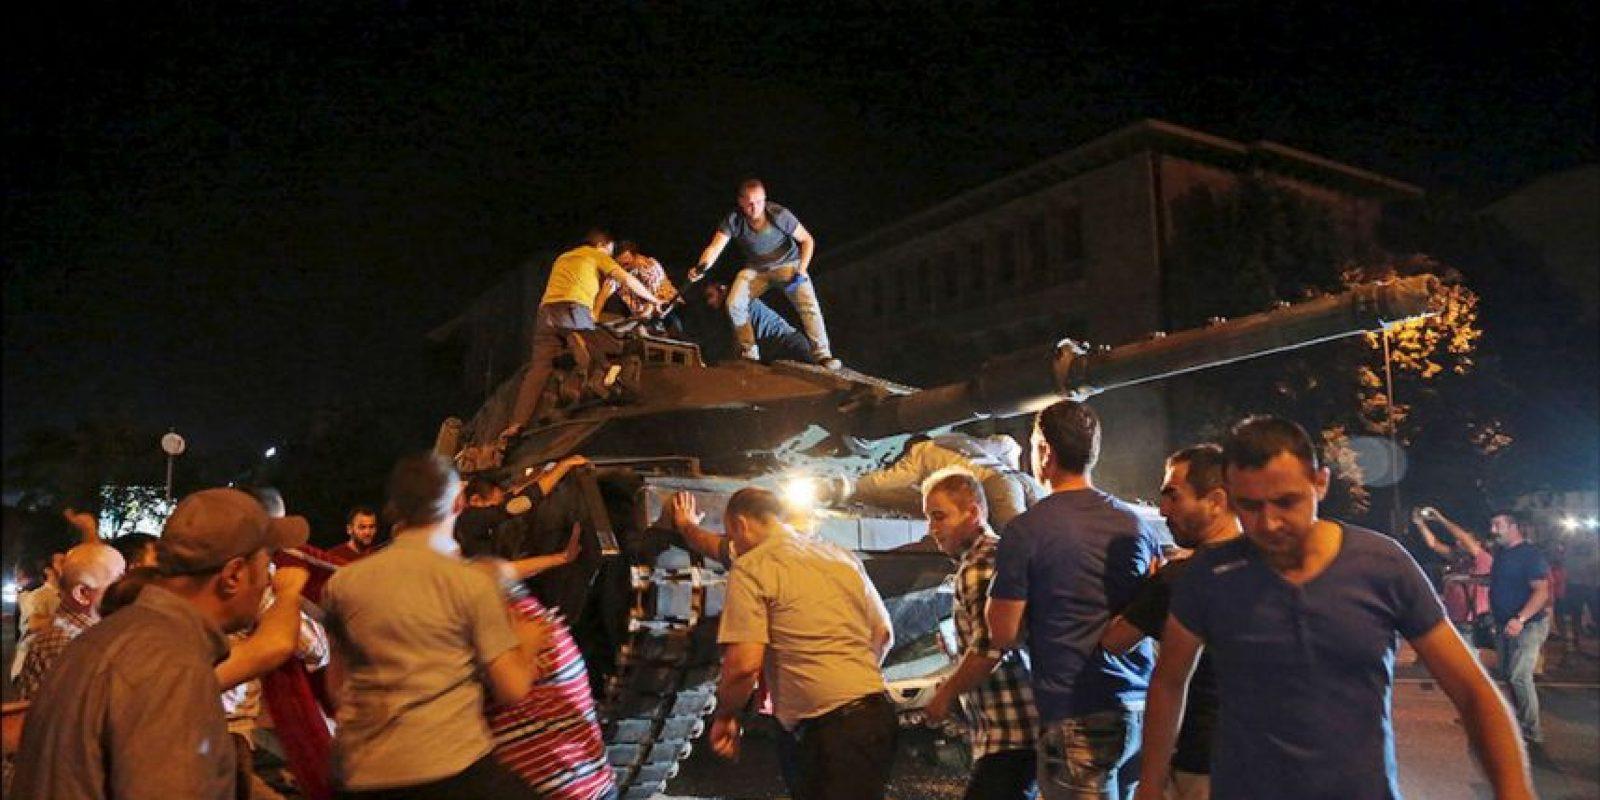 El pueblo turco se lanzó sobre los tanques del grupo disidente. Foto:AP. Imagen Por: